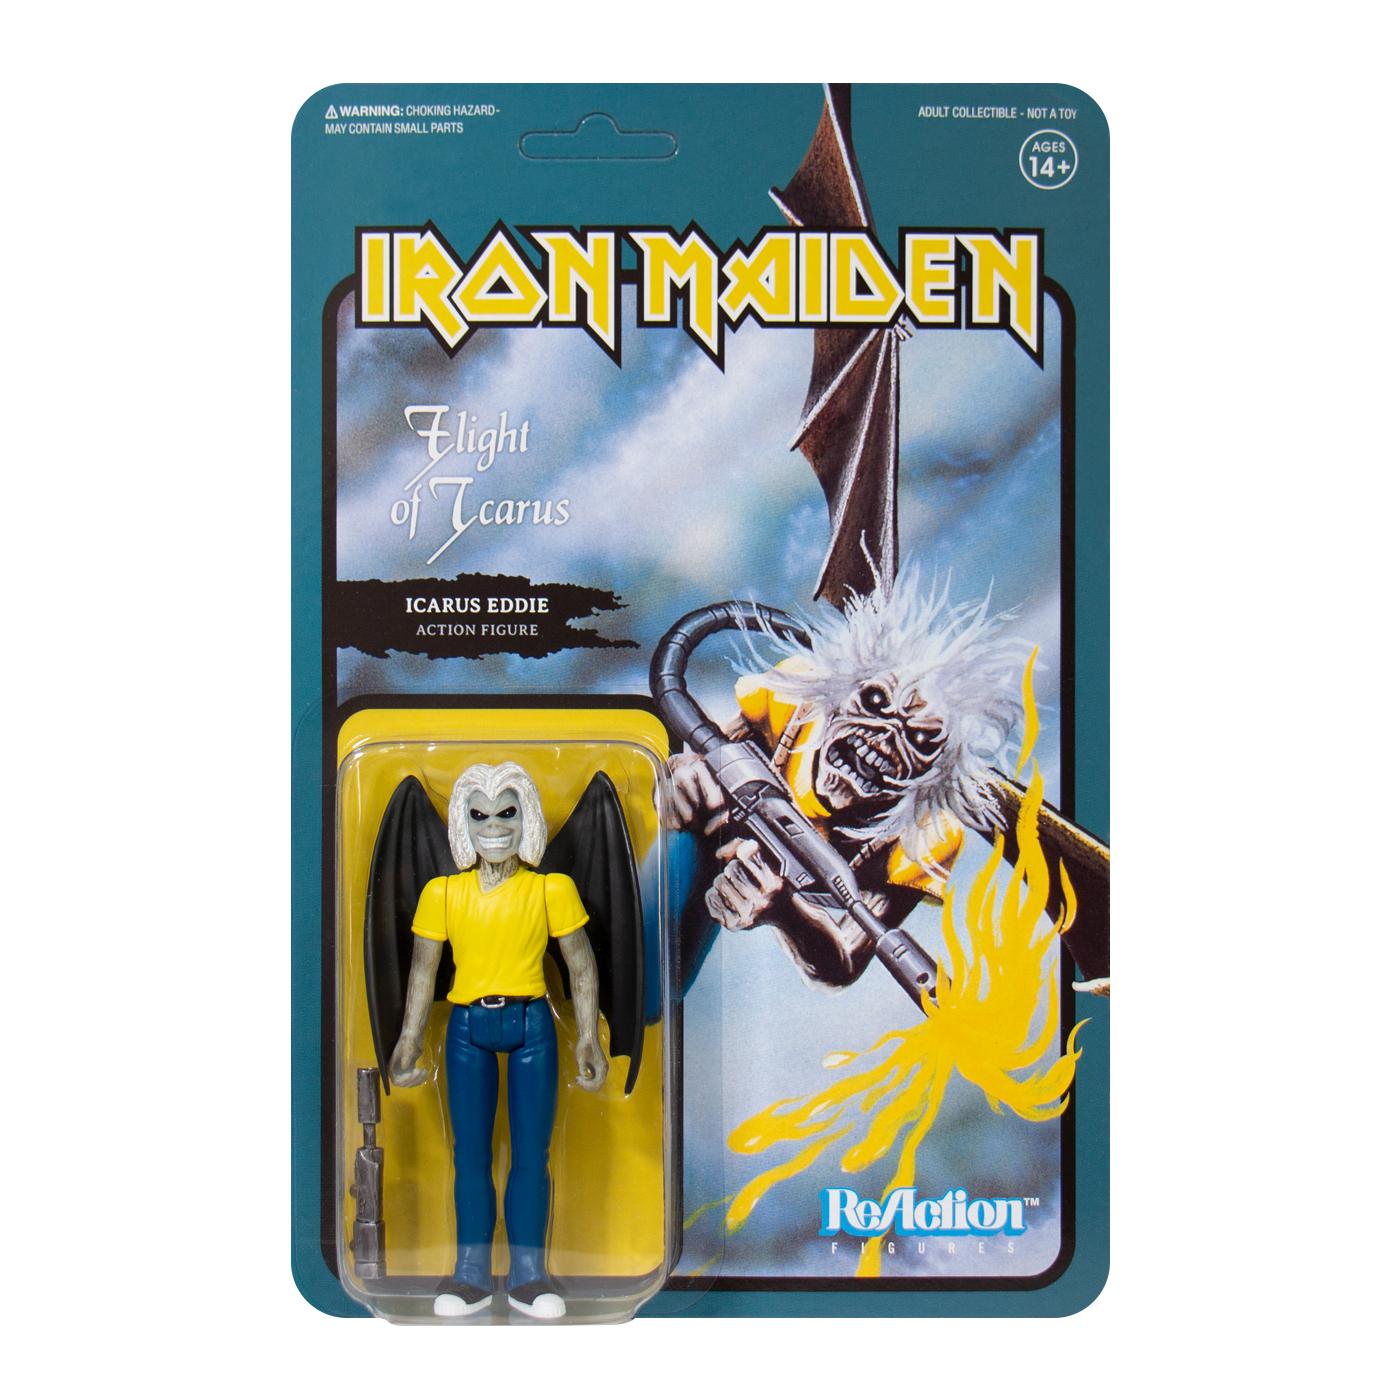 Iron Maiden Reaction Figure - Flight Of Icarus (Single Art) - Iron Maiden - Merchandise - SUPER 7 - 0840049800793 - March 16, 2020